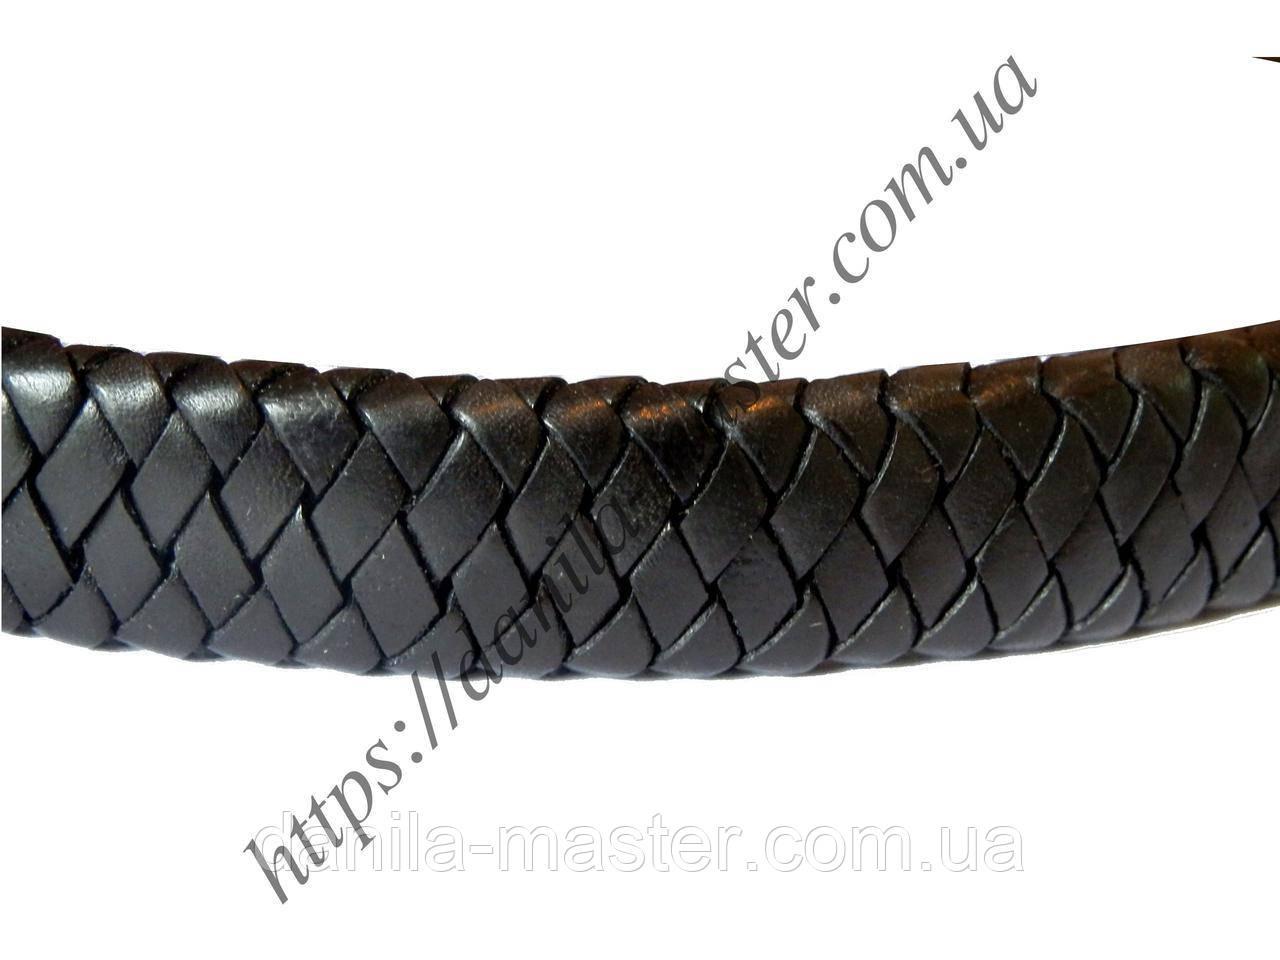 Шнур для браслетов прямоугольный кожаный черный 12*6 мм